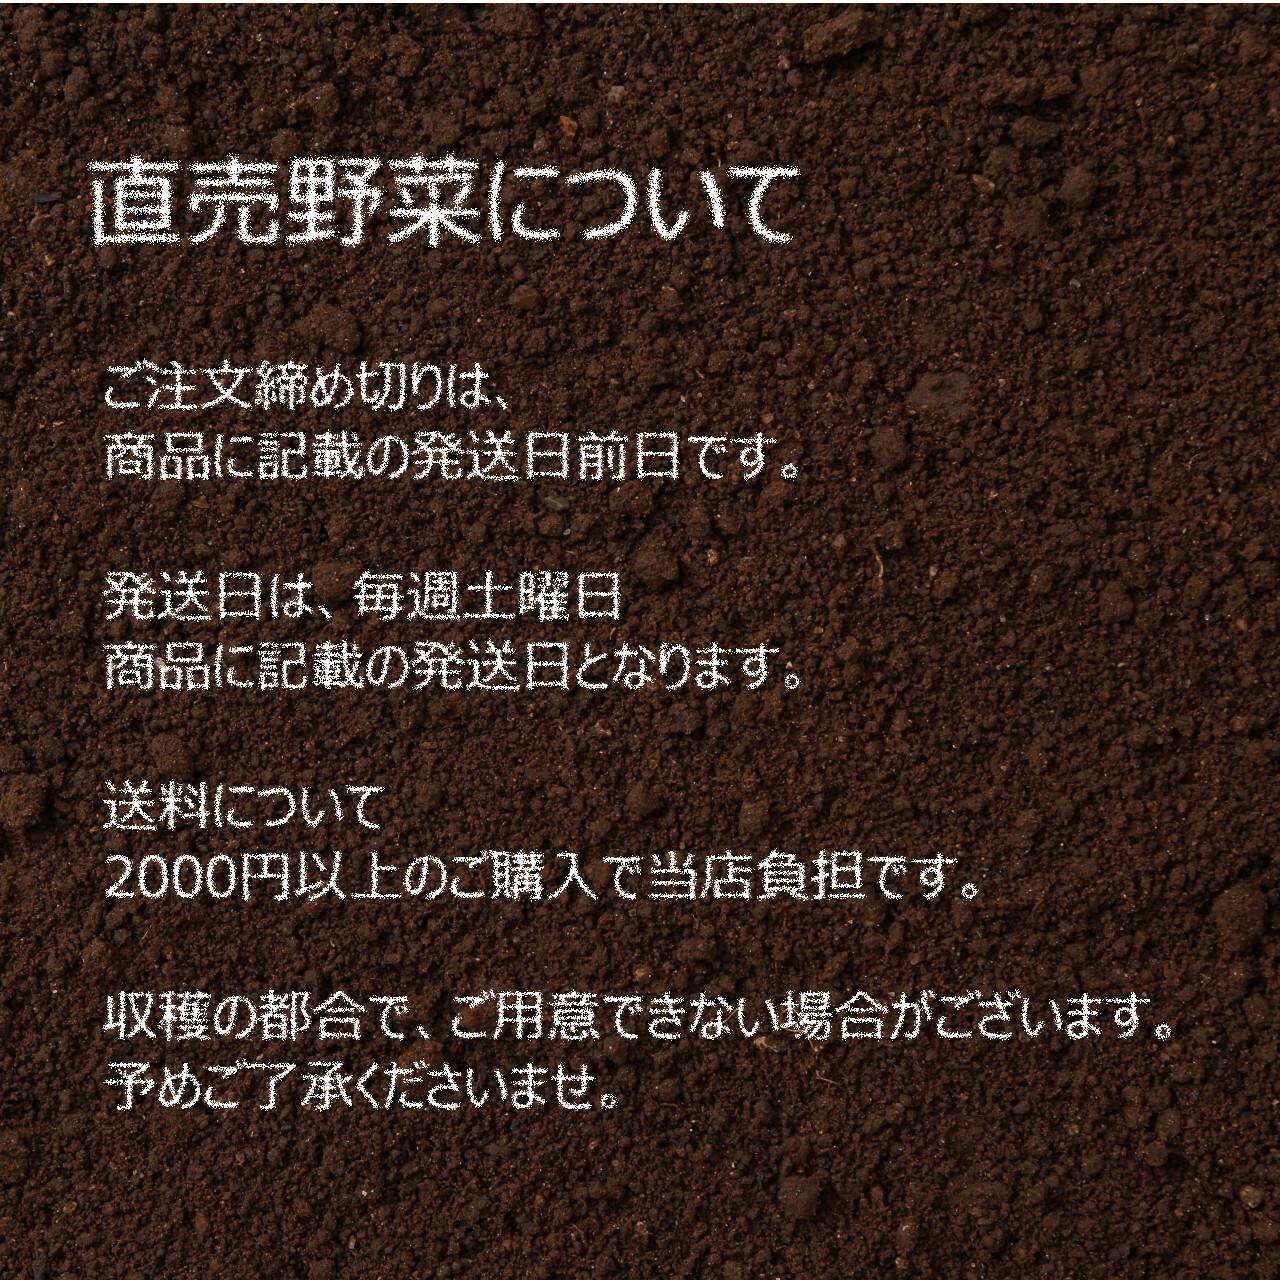 新鮮な冬野菜 : カリフラワー 約1個 11月の朝採り直売野菜 11月30日発送予定